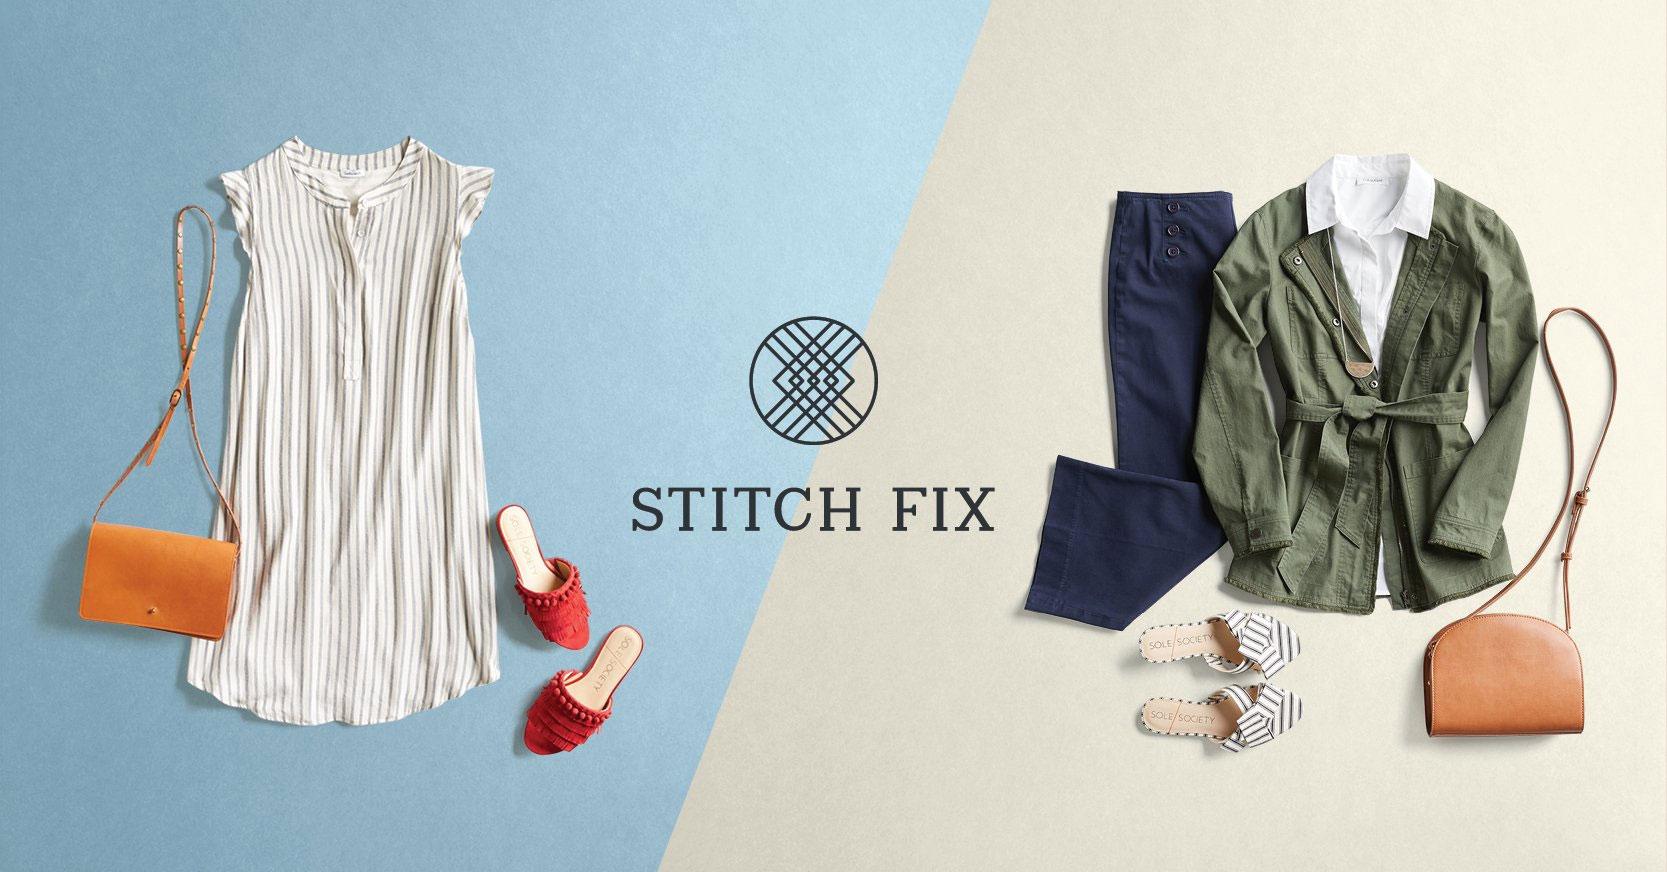 订阅制时尚 DTC 品牌 Stitch Fix  活跃用户超过 300 万人